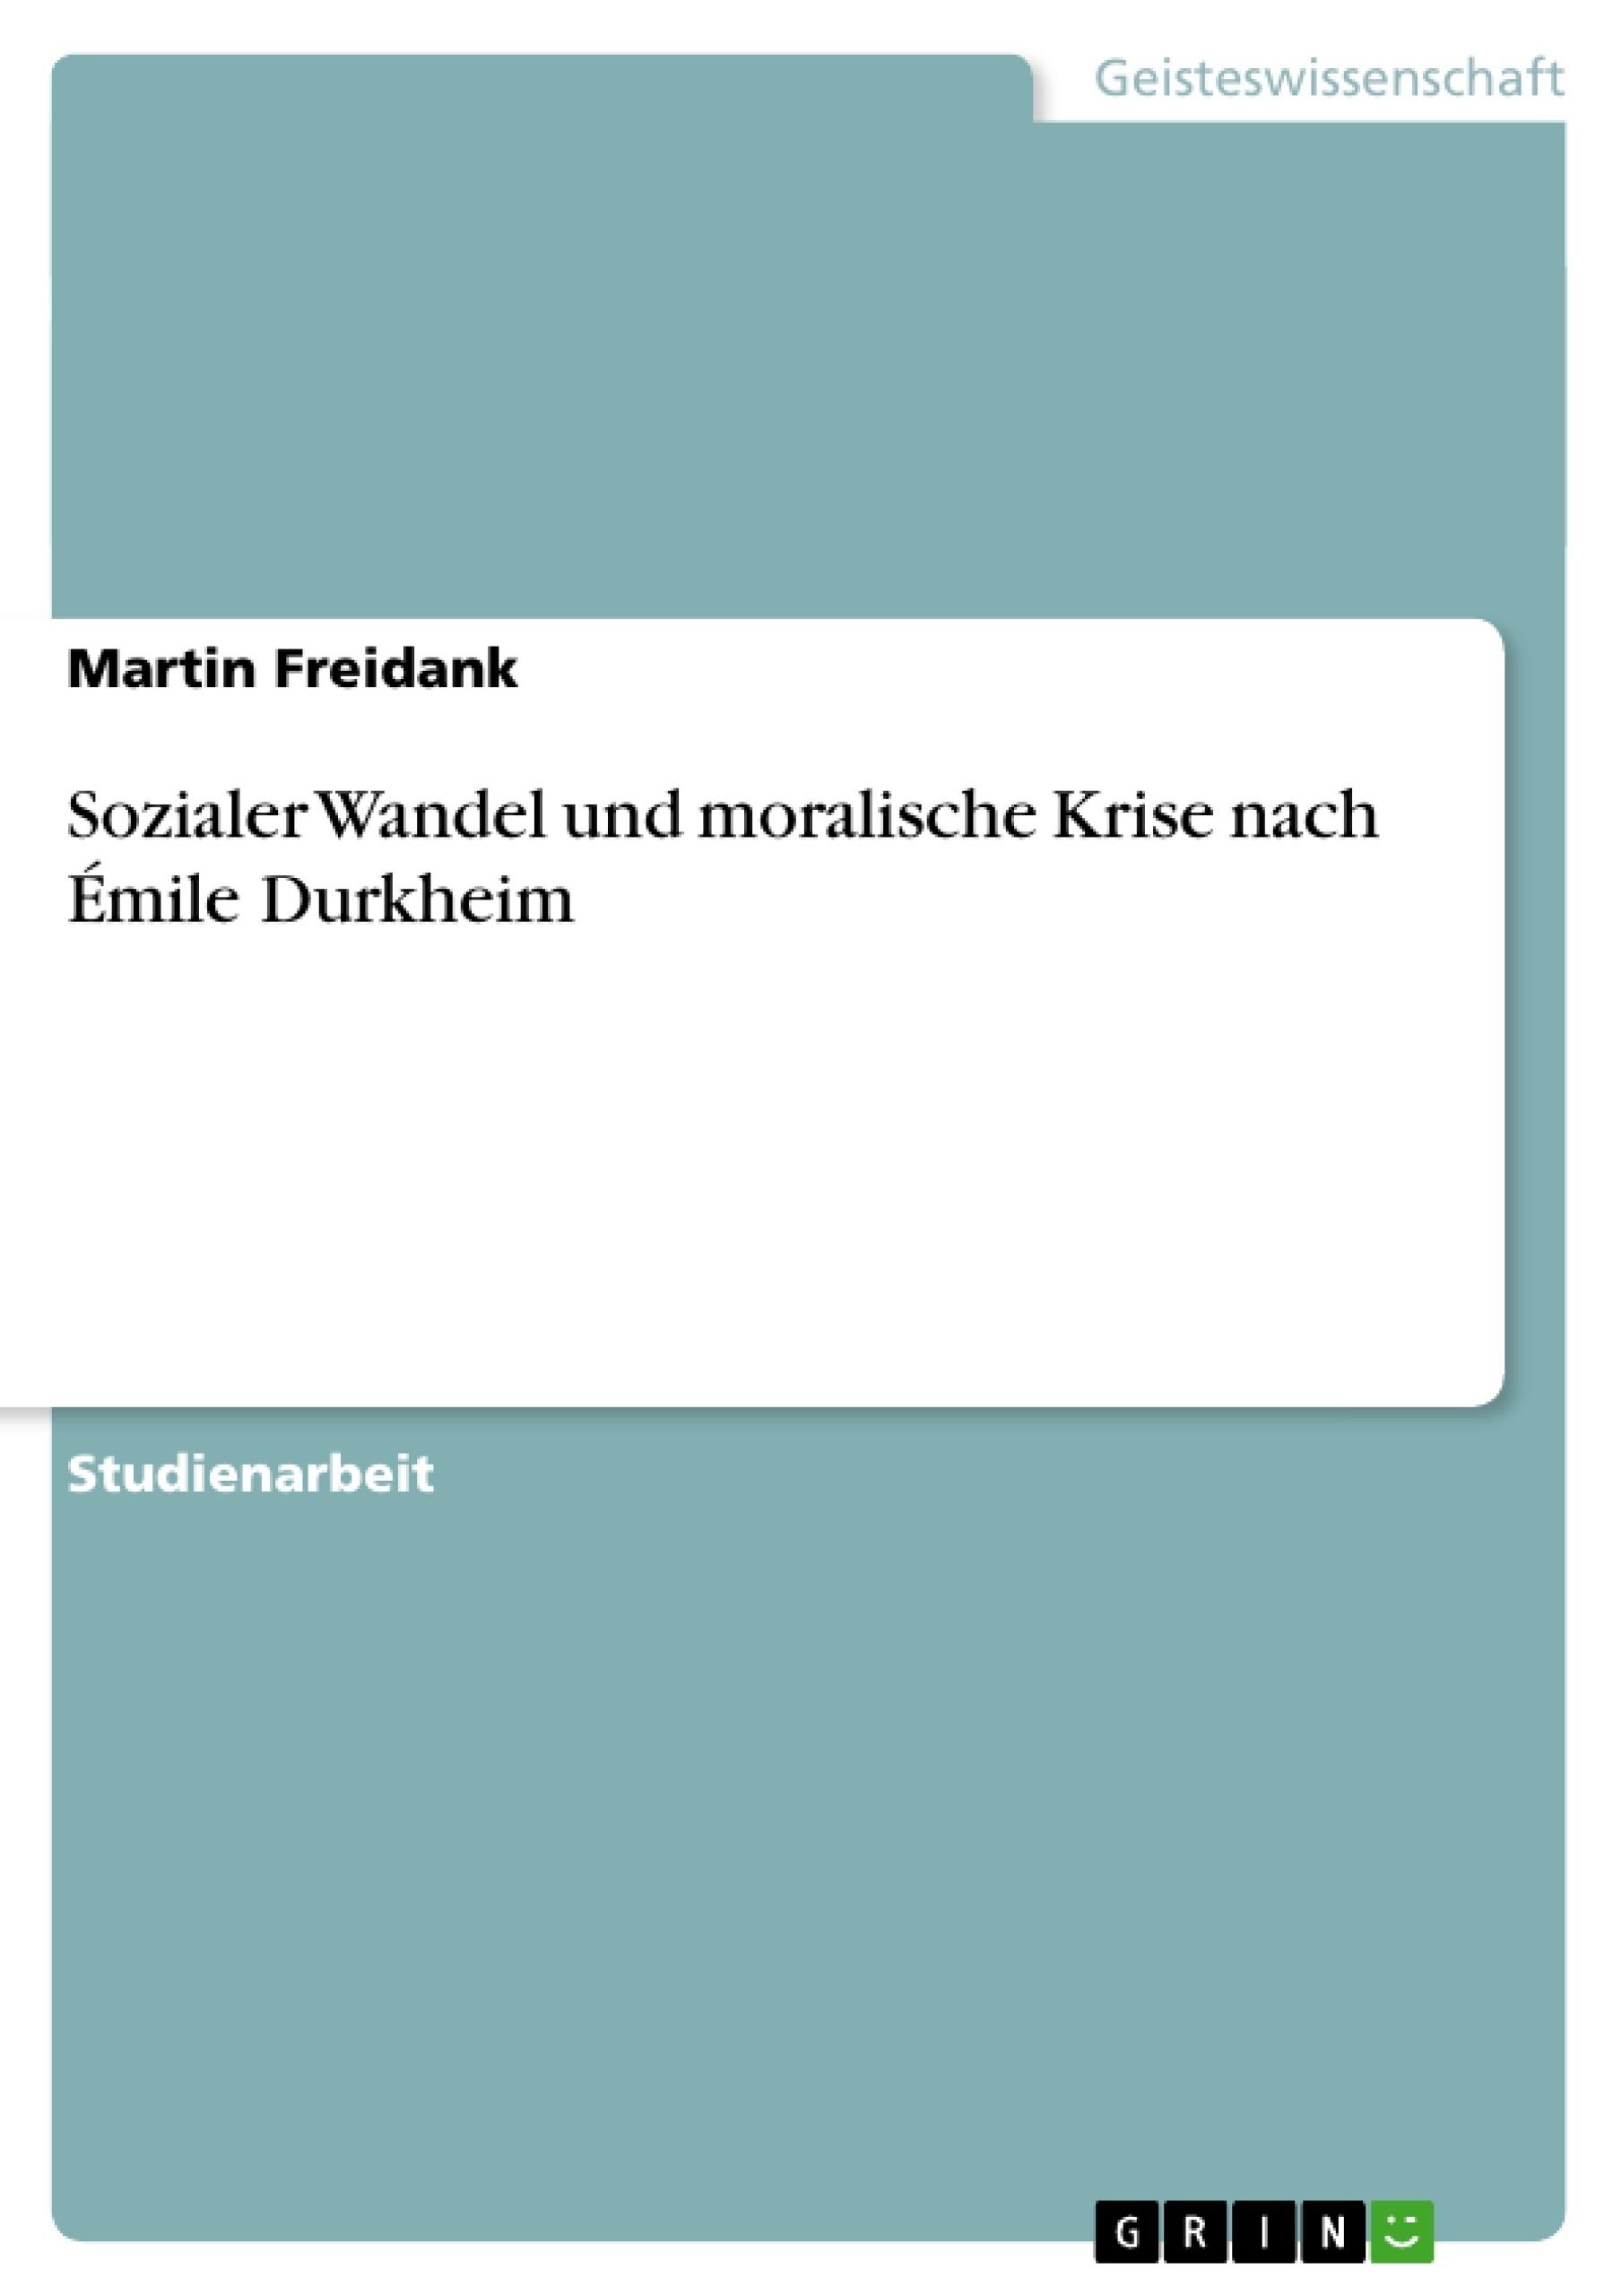 Titel: Sozialer Wandel und moralische Krise nach Émile Durkheim